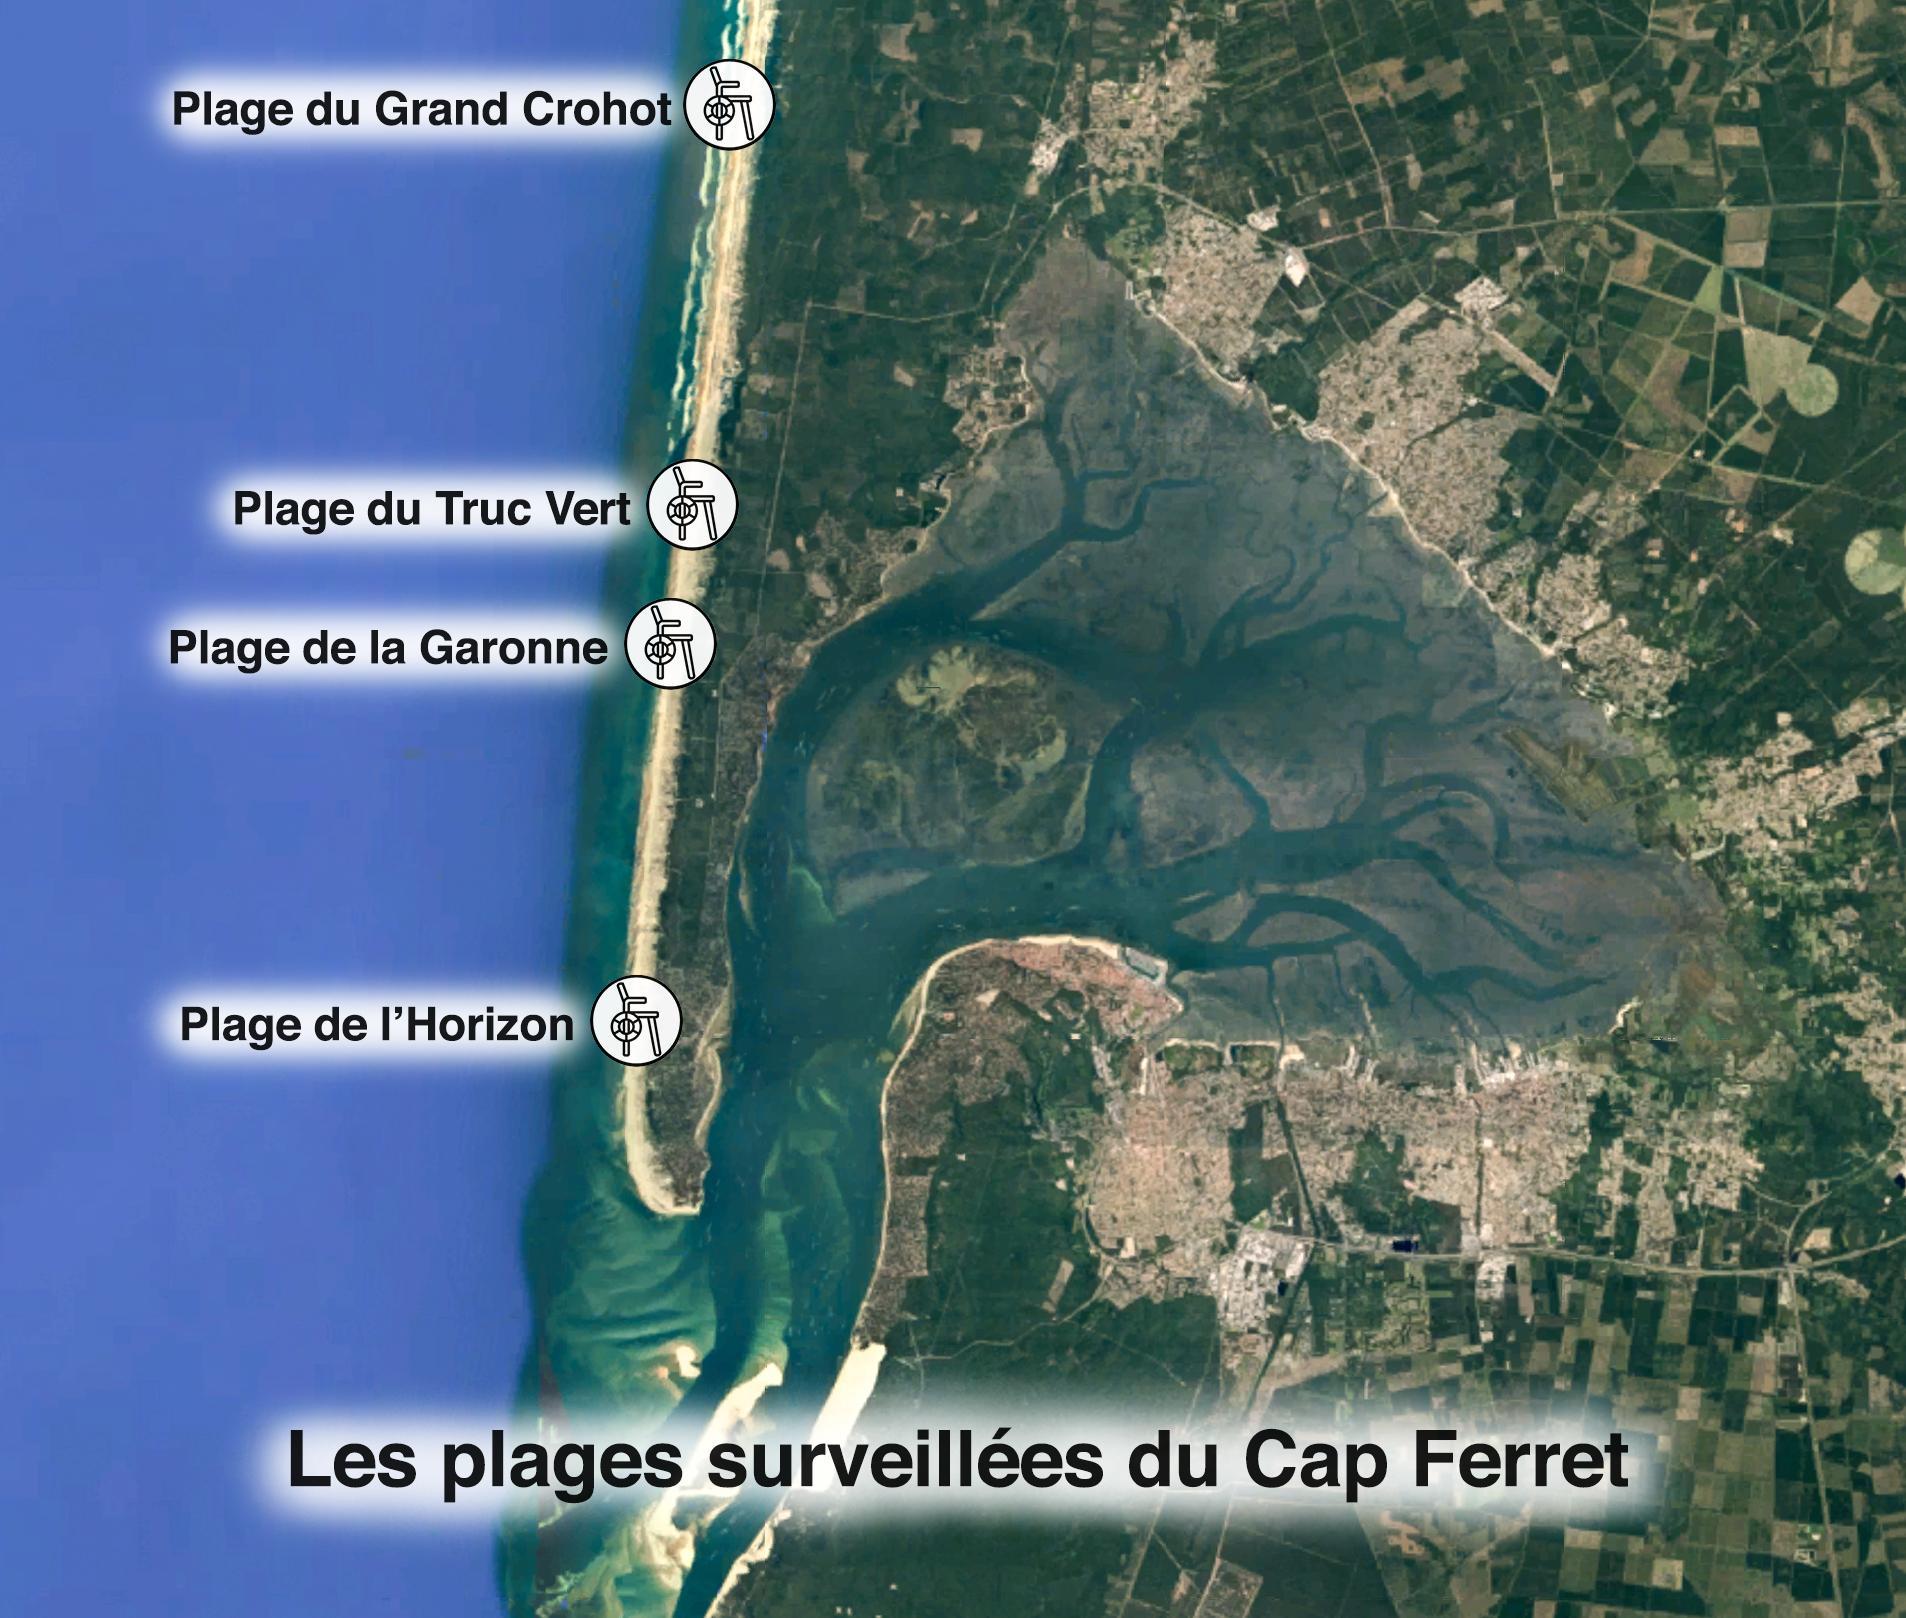 Carte des plages surveillées sur la presqu'ile de Lège Cap Ferret